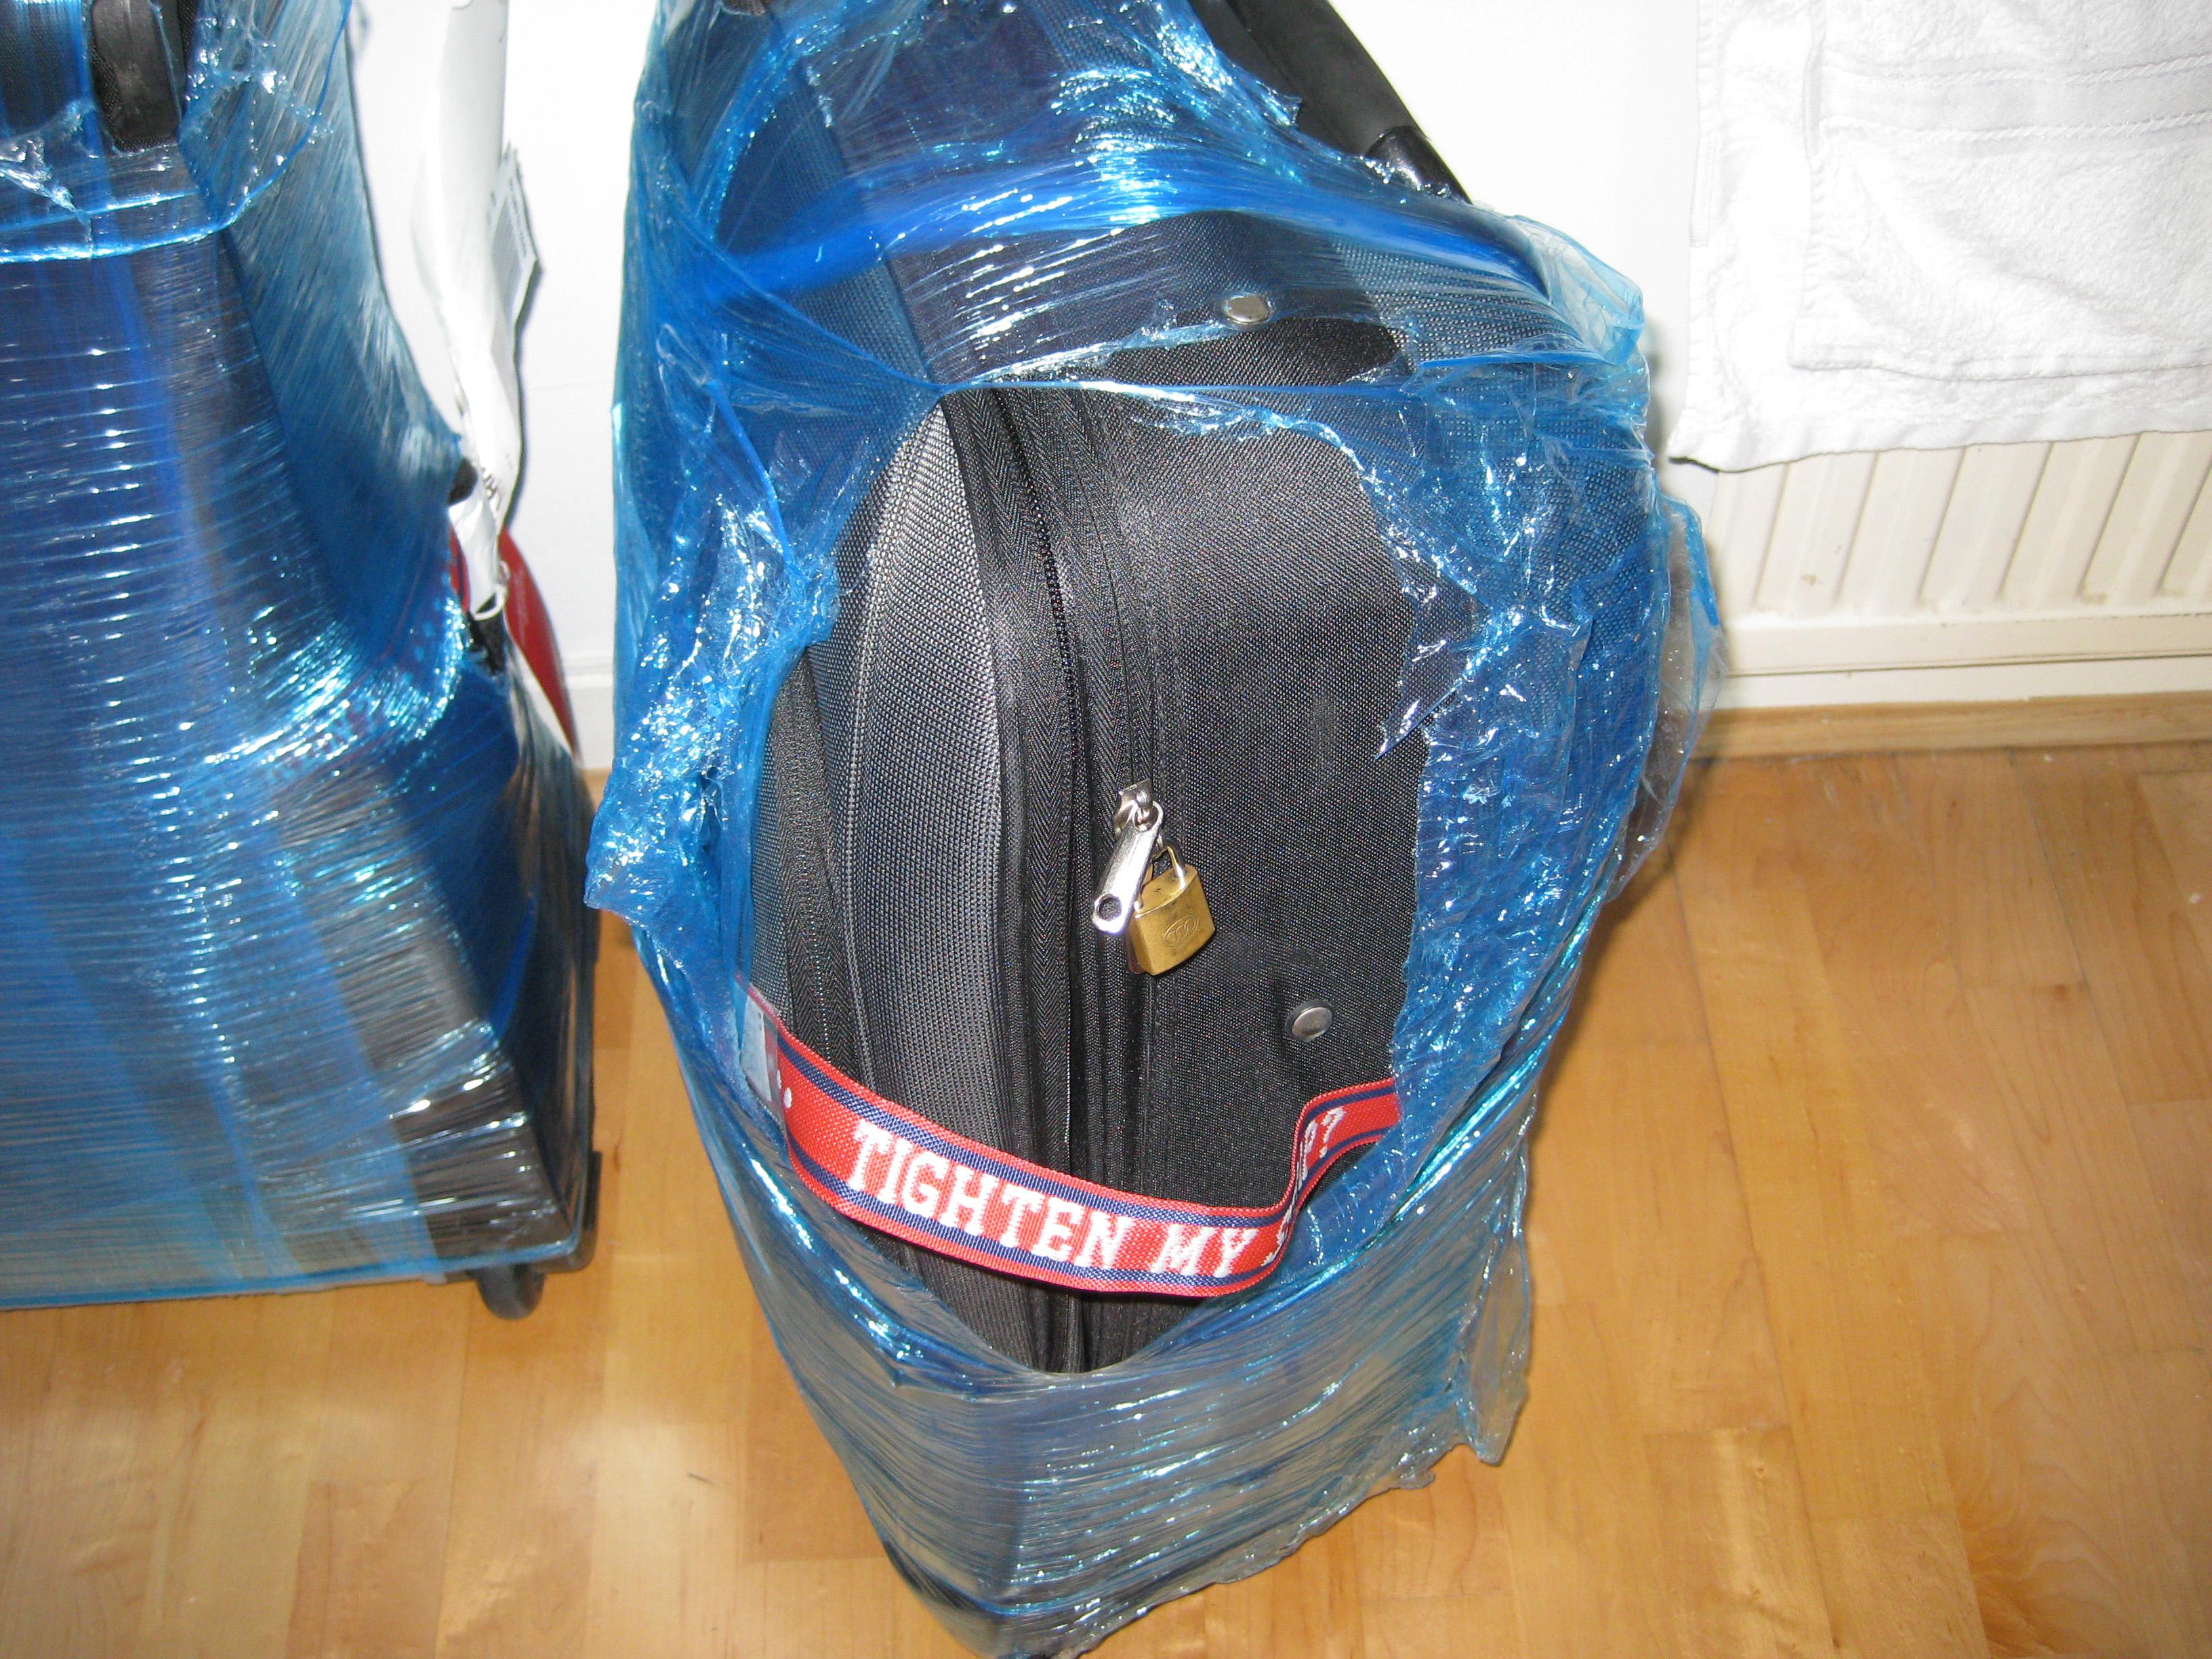 Hành lý bị xé sau khi gửi ở sân bay